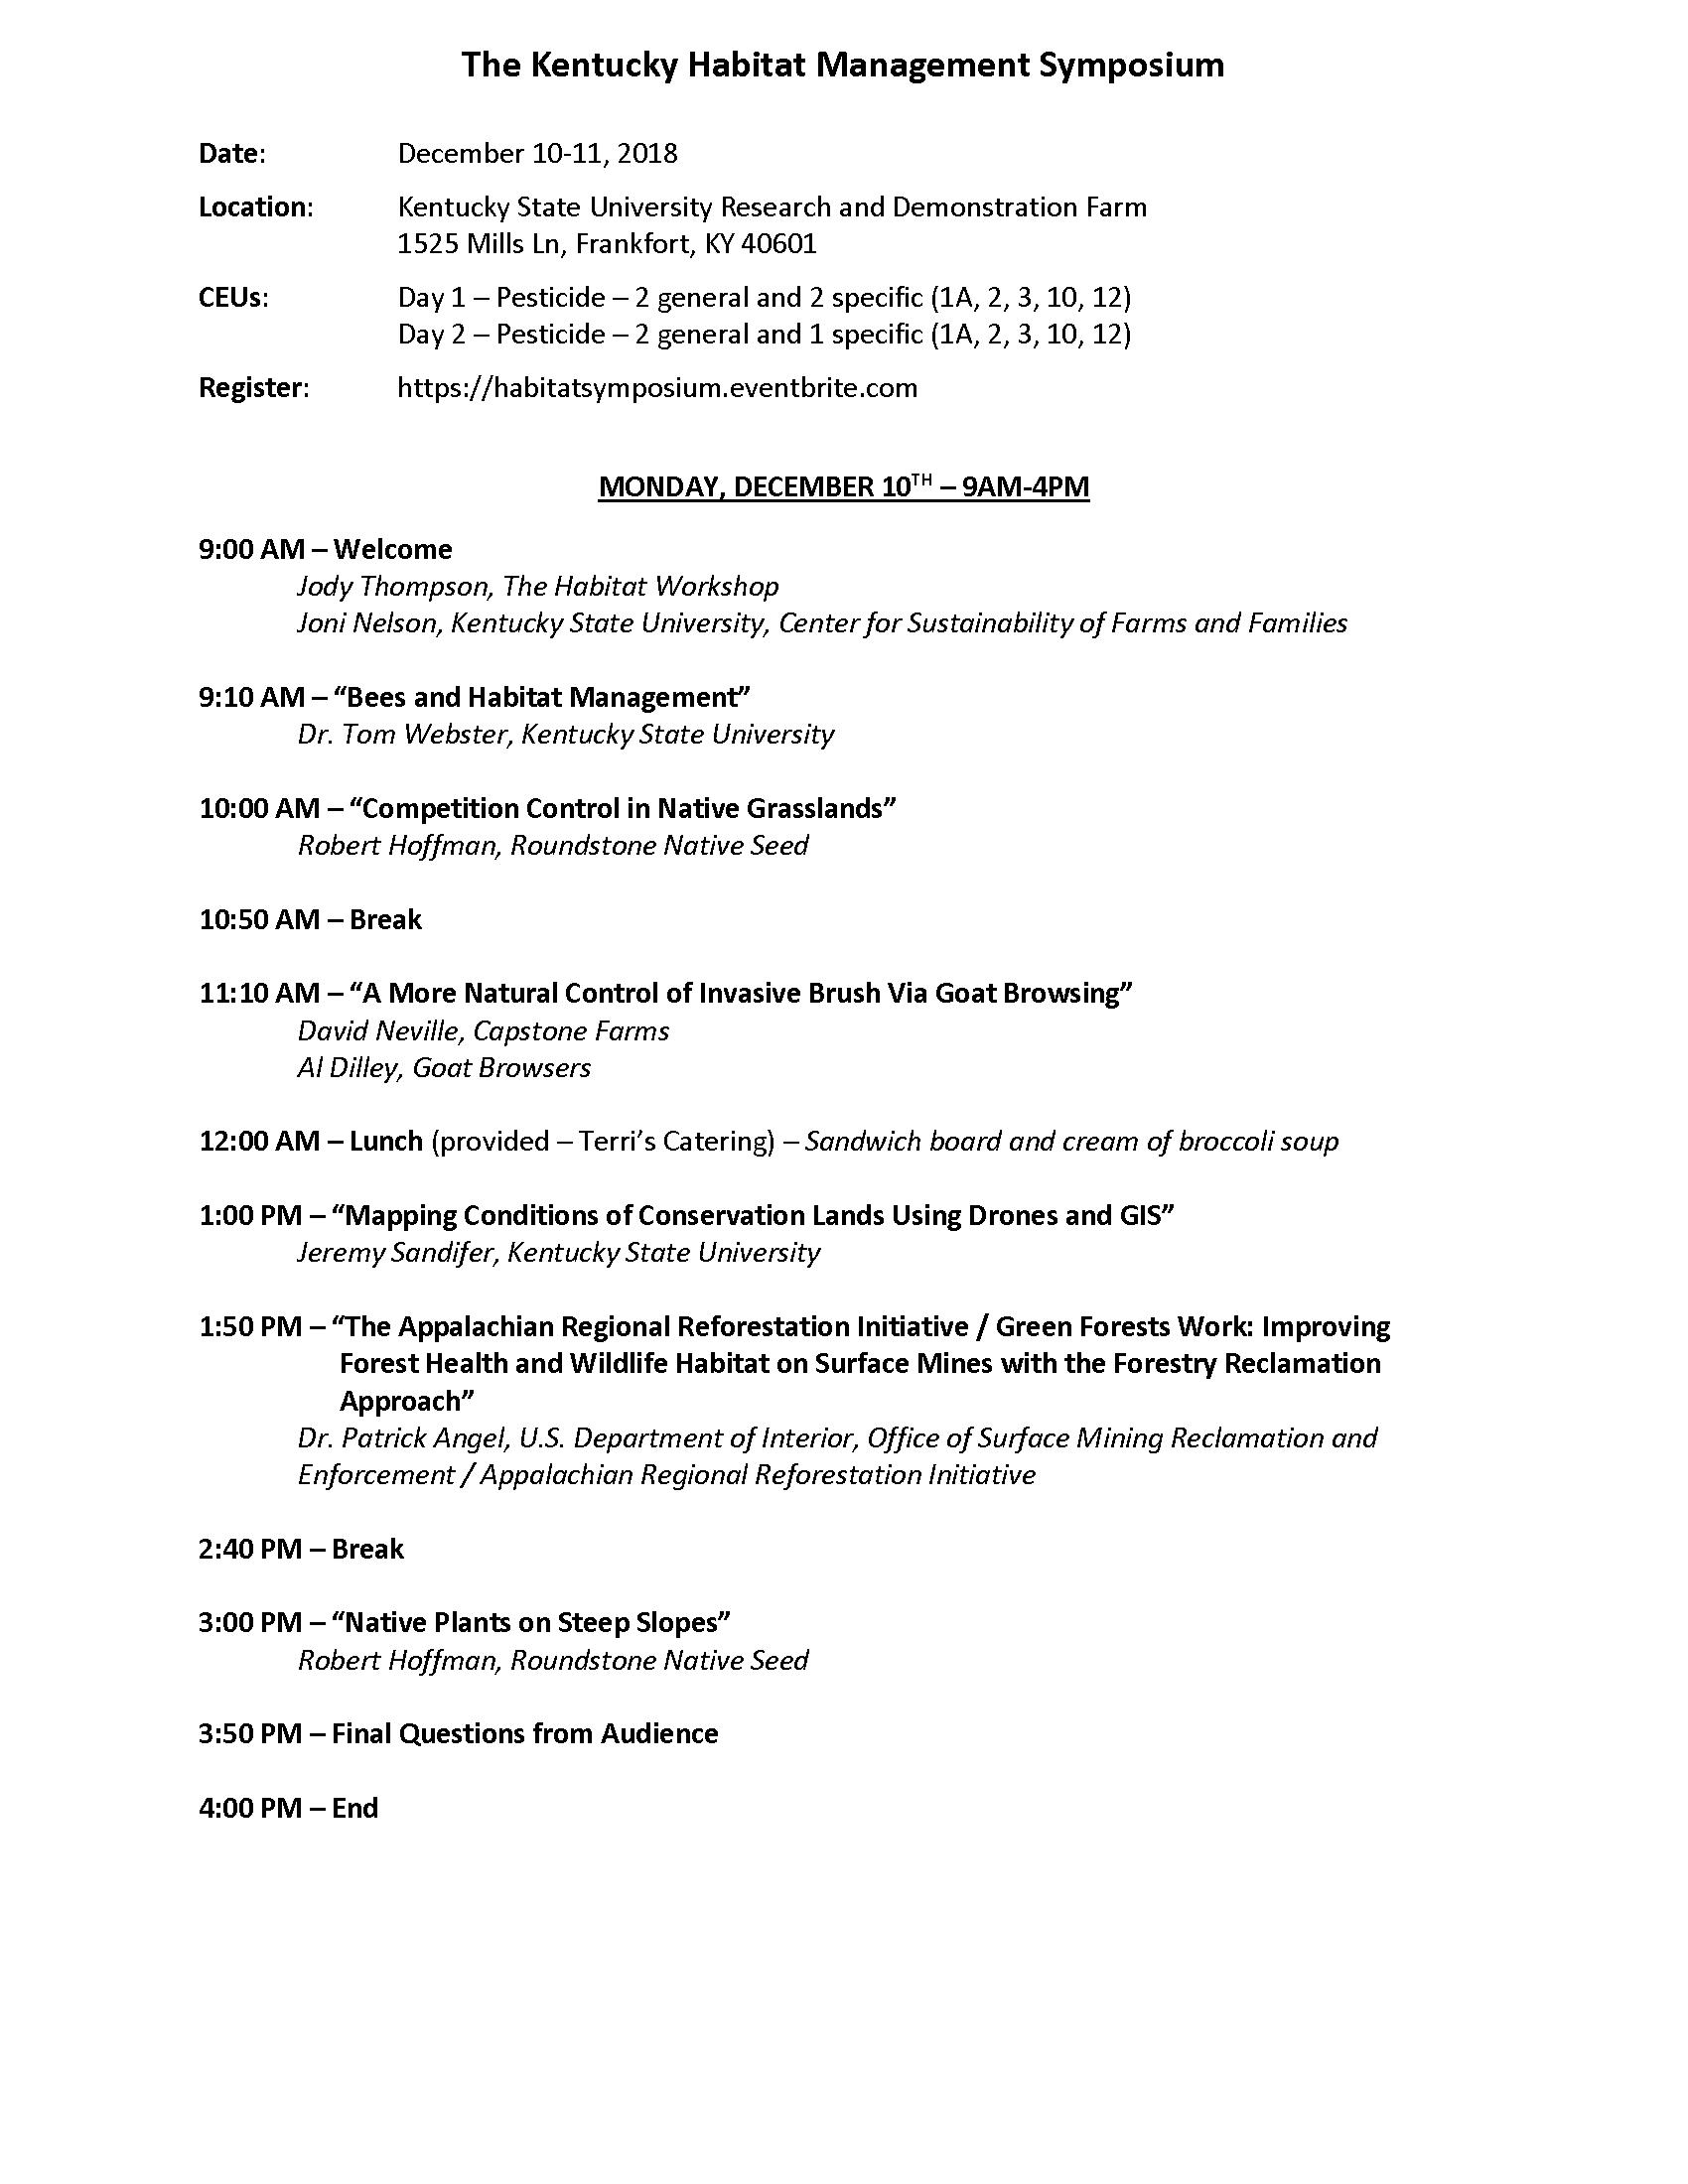 Symposium Agenda - Copy_Page_1.png